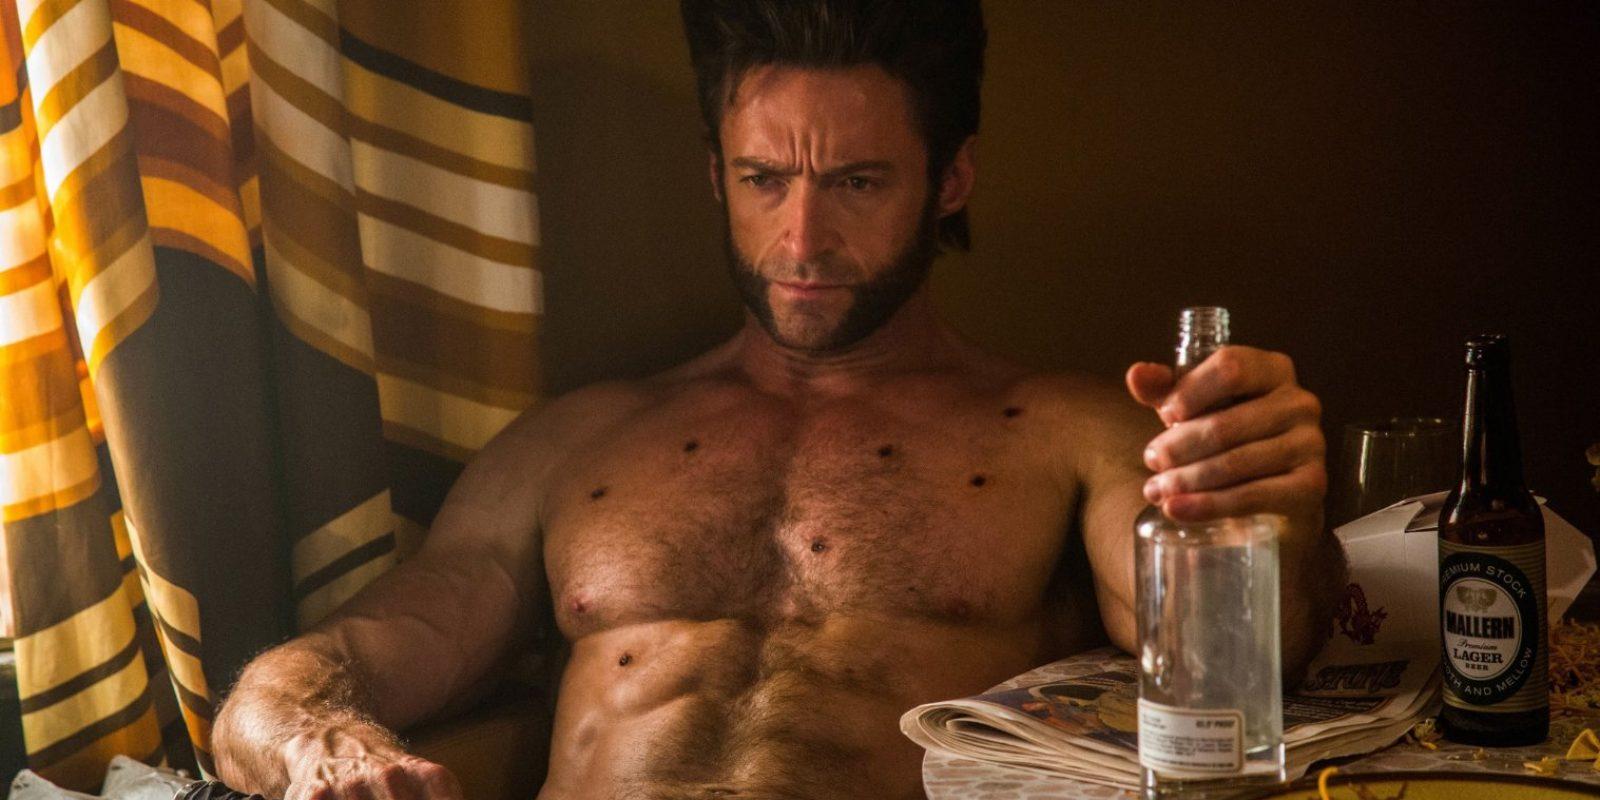 2014: X-Men Days of Future Past